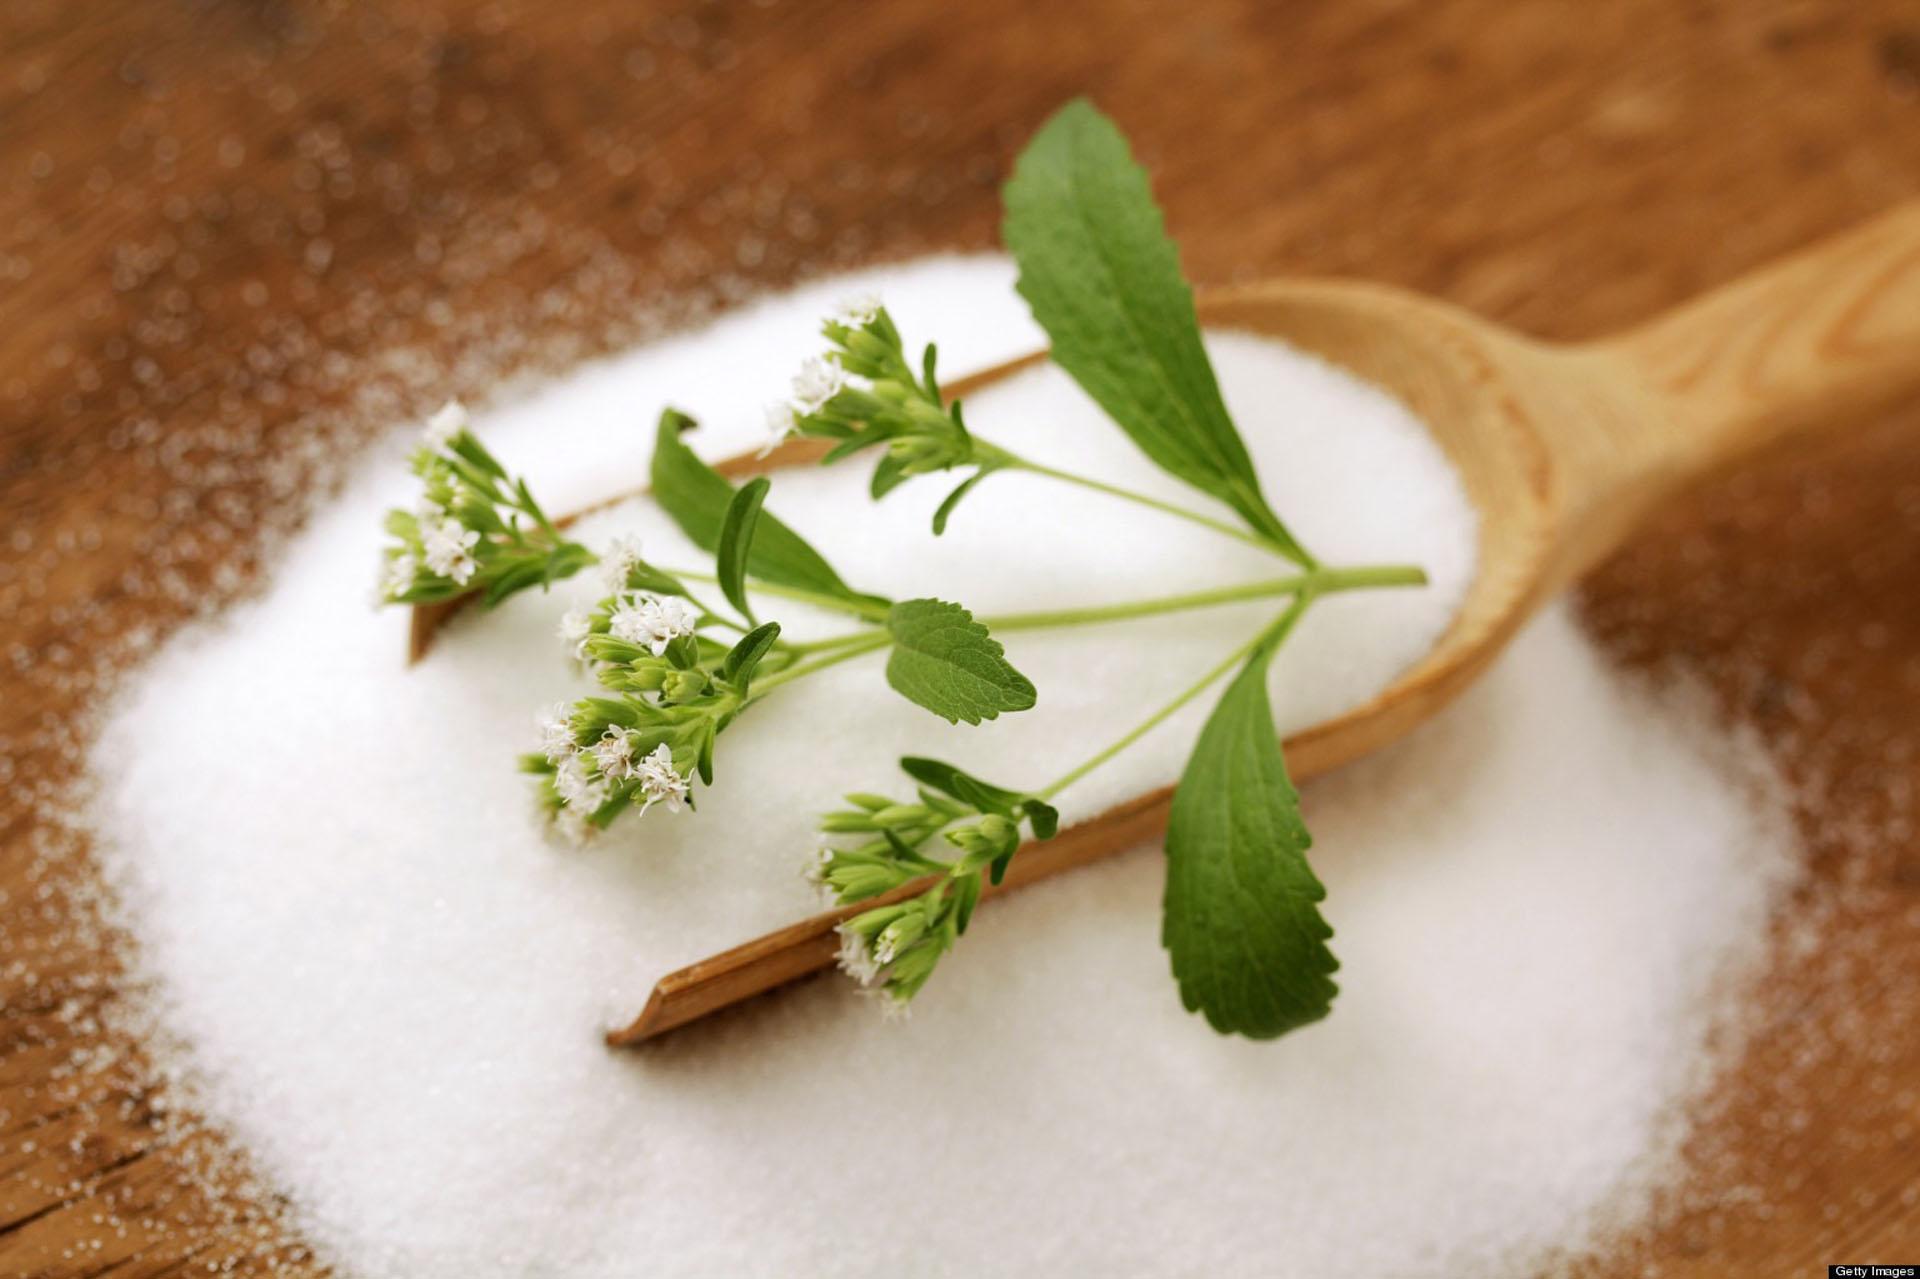 6 Edulcorantes Alternativos Al Azúcar Que La Naturaleza Te Brinda